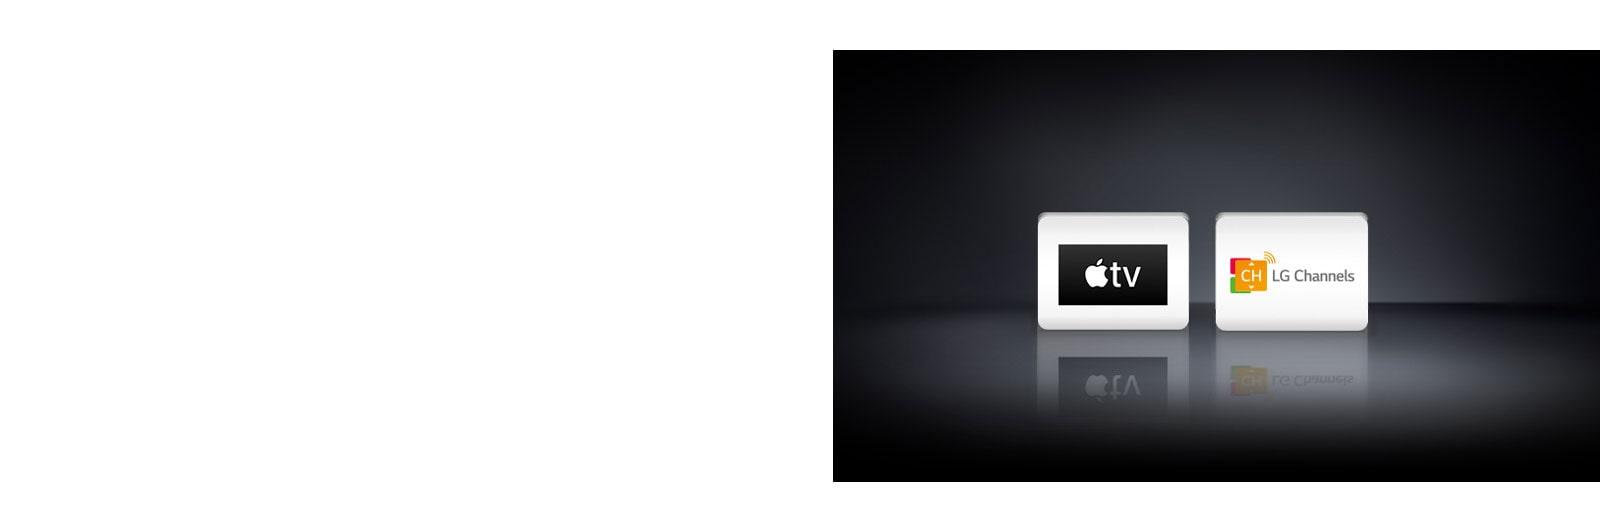 Четыре логотипа: Приложение Apple TV и LG Channels